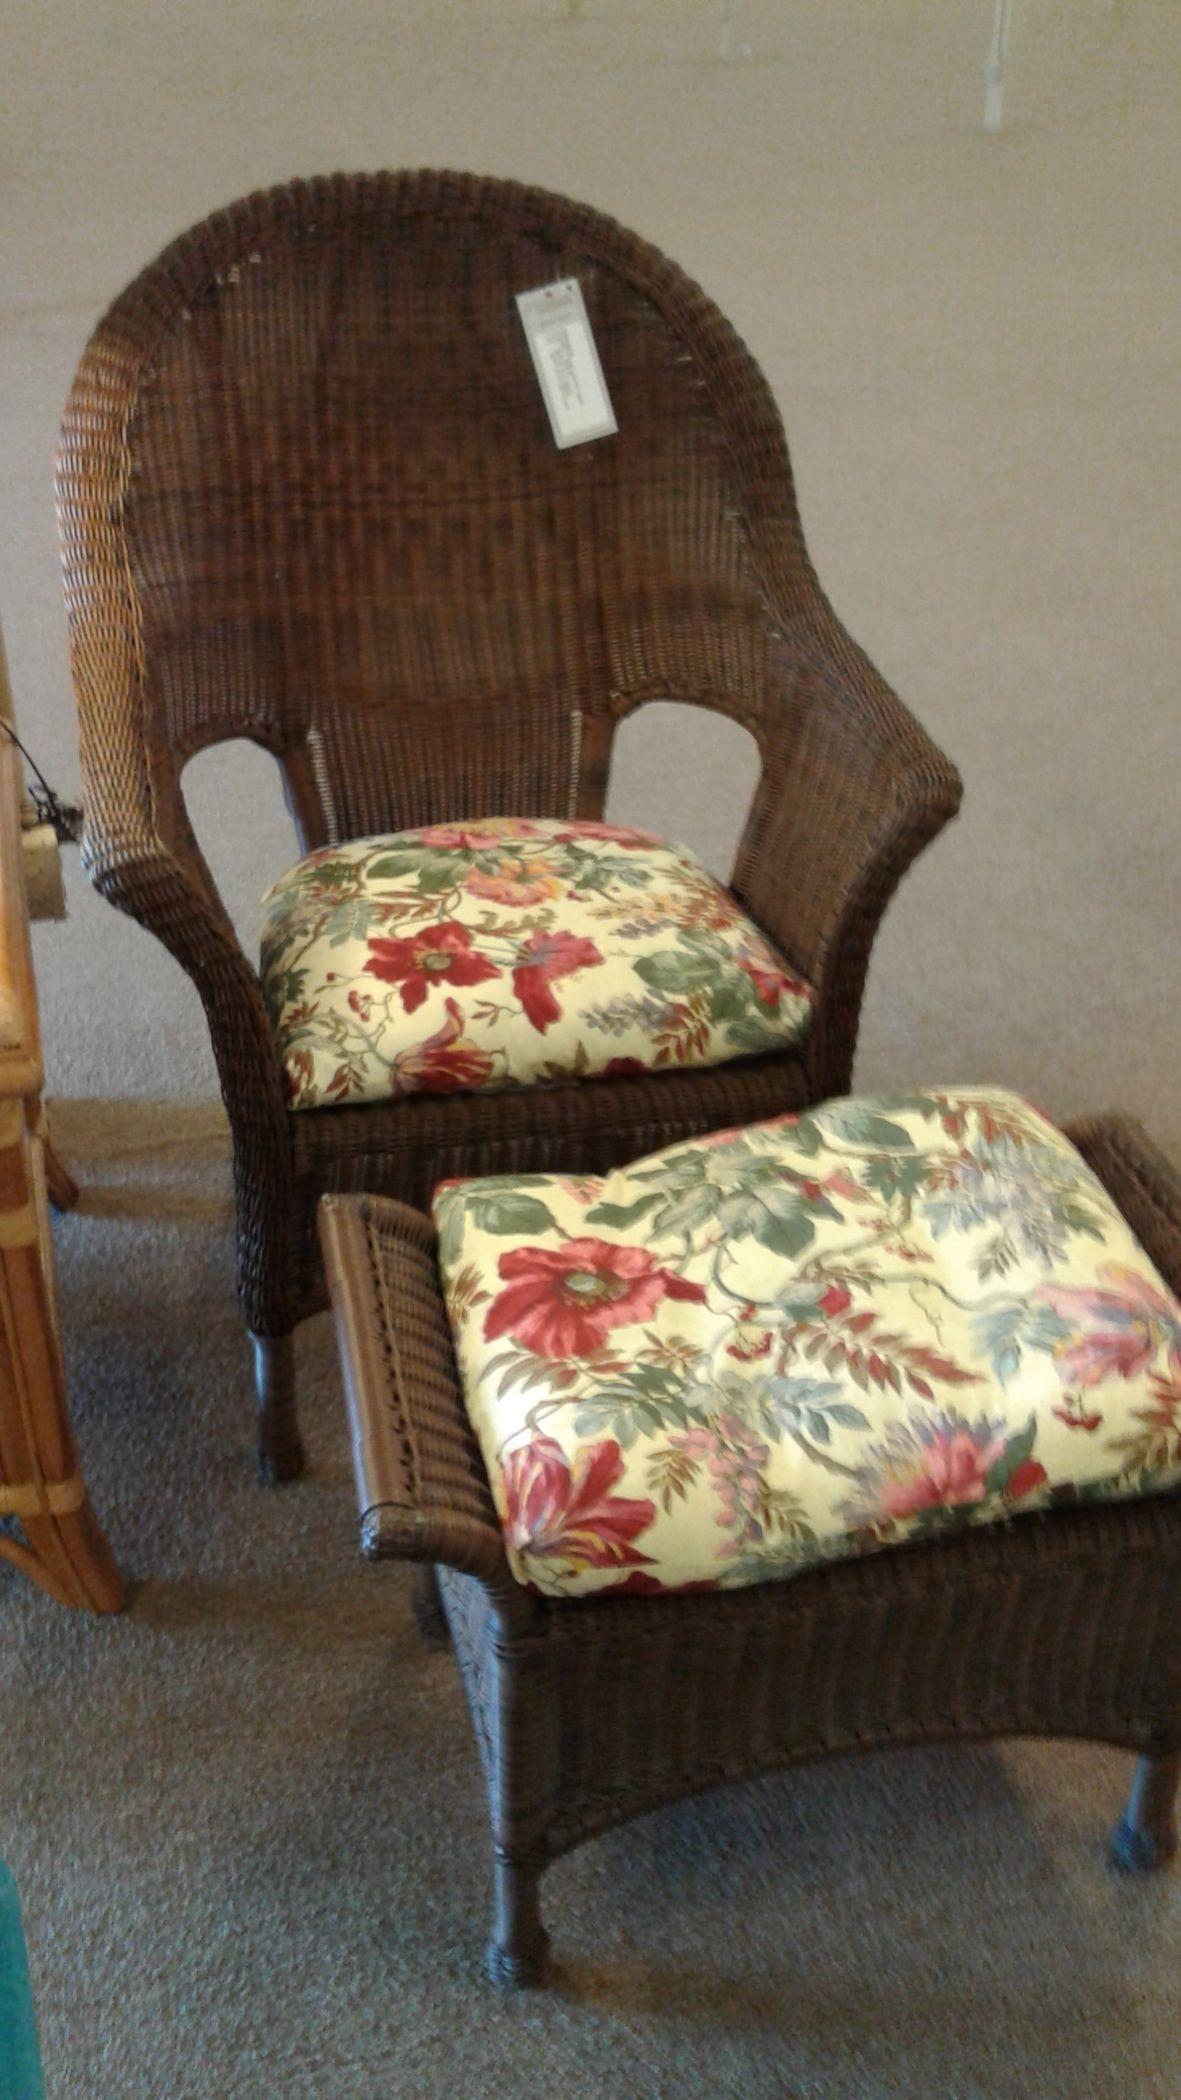 Outdoor Wicker Chair Ottoman Delmarva Furniture Consignment